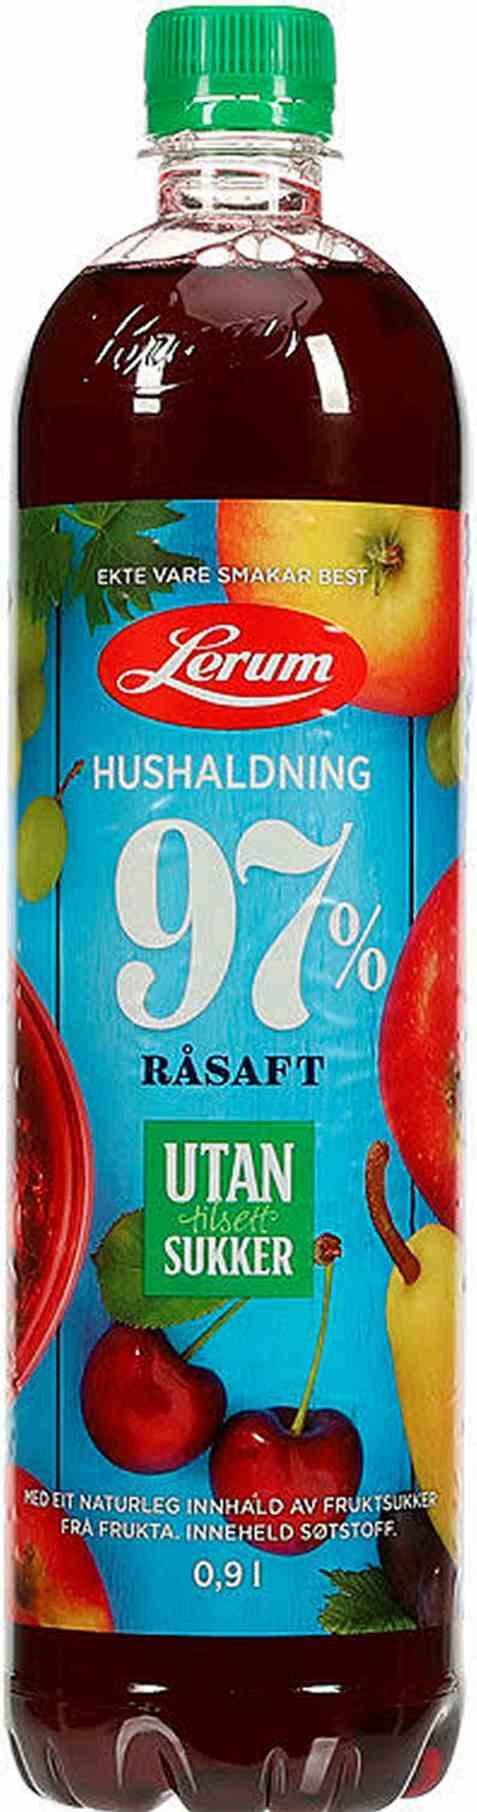 Bilde av Lerum Husholdningssaft utan tilsett sukker 0,9 l.